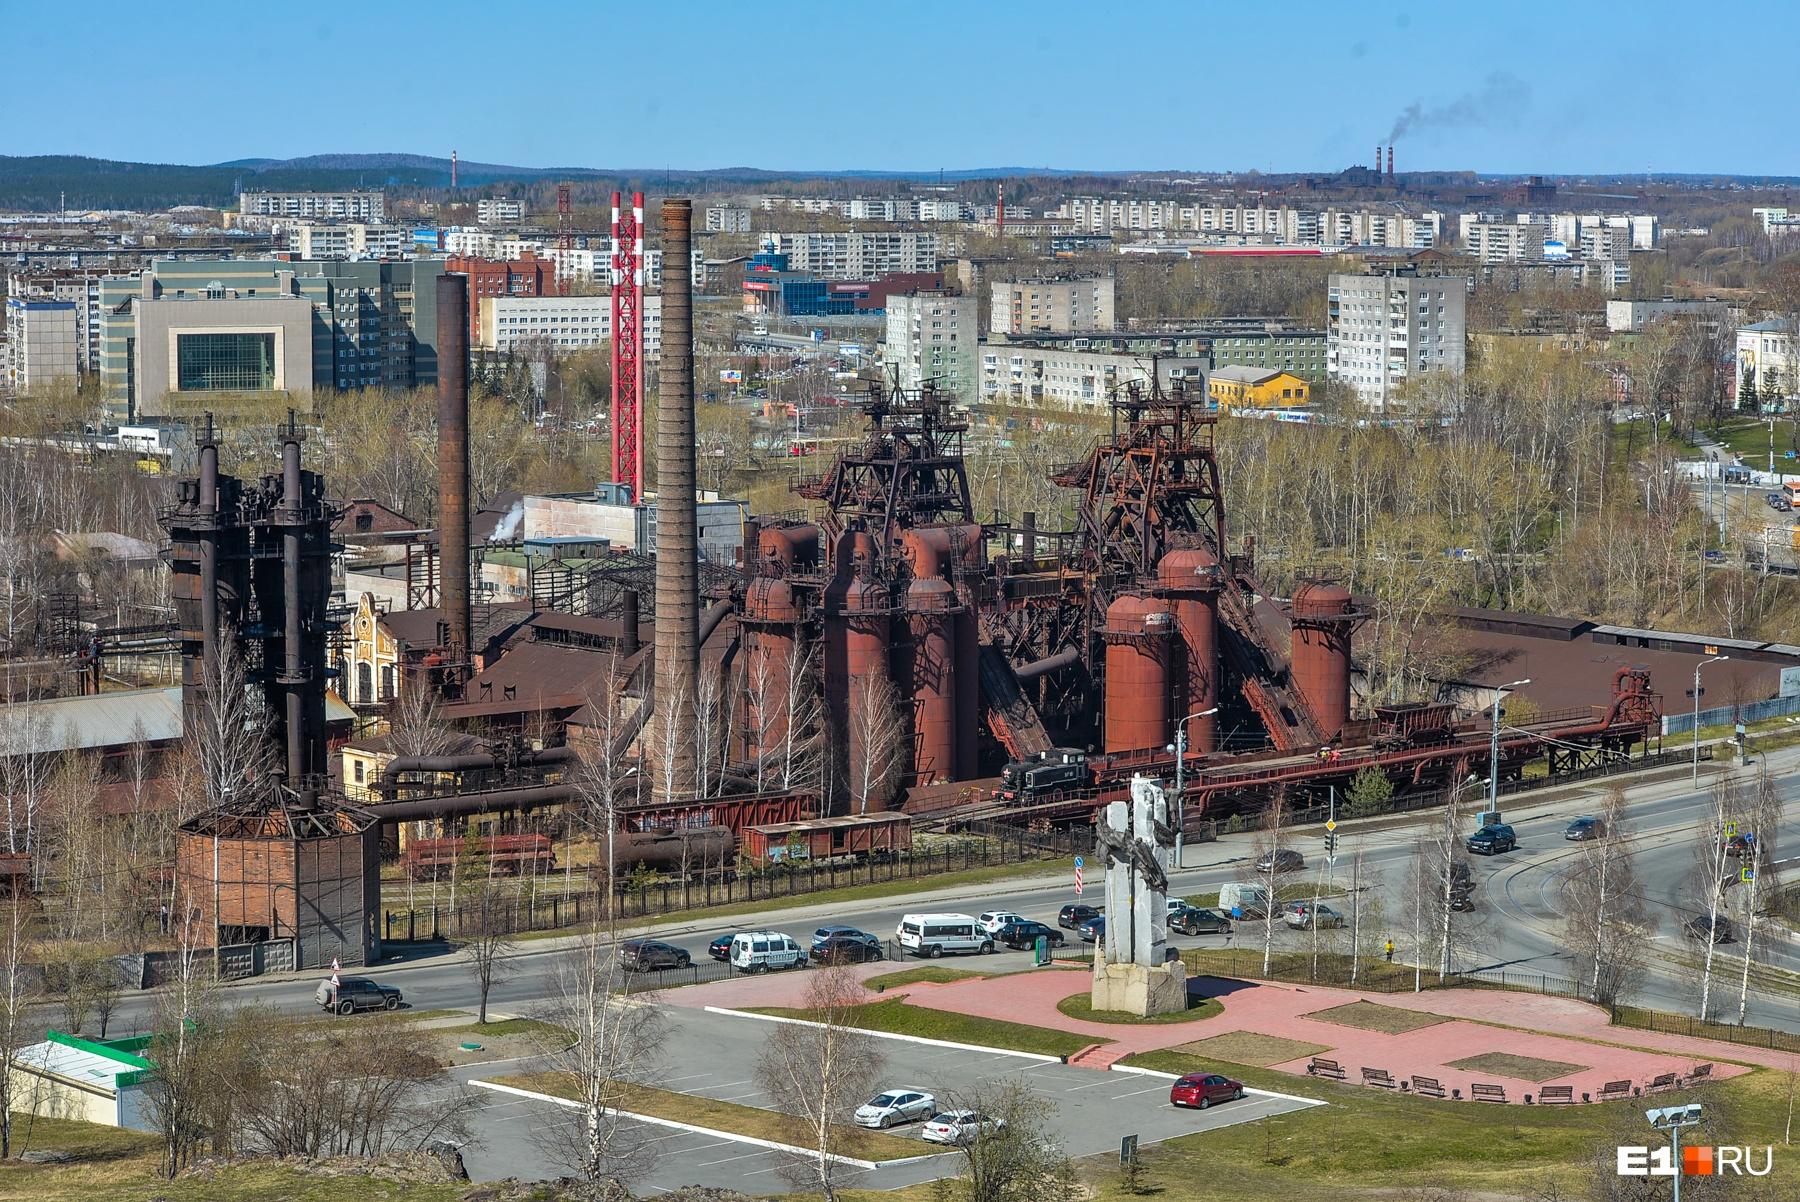 Вид на музей-завод с высоты